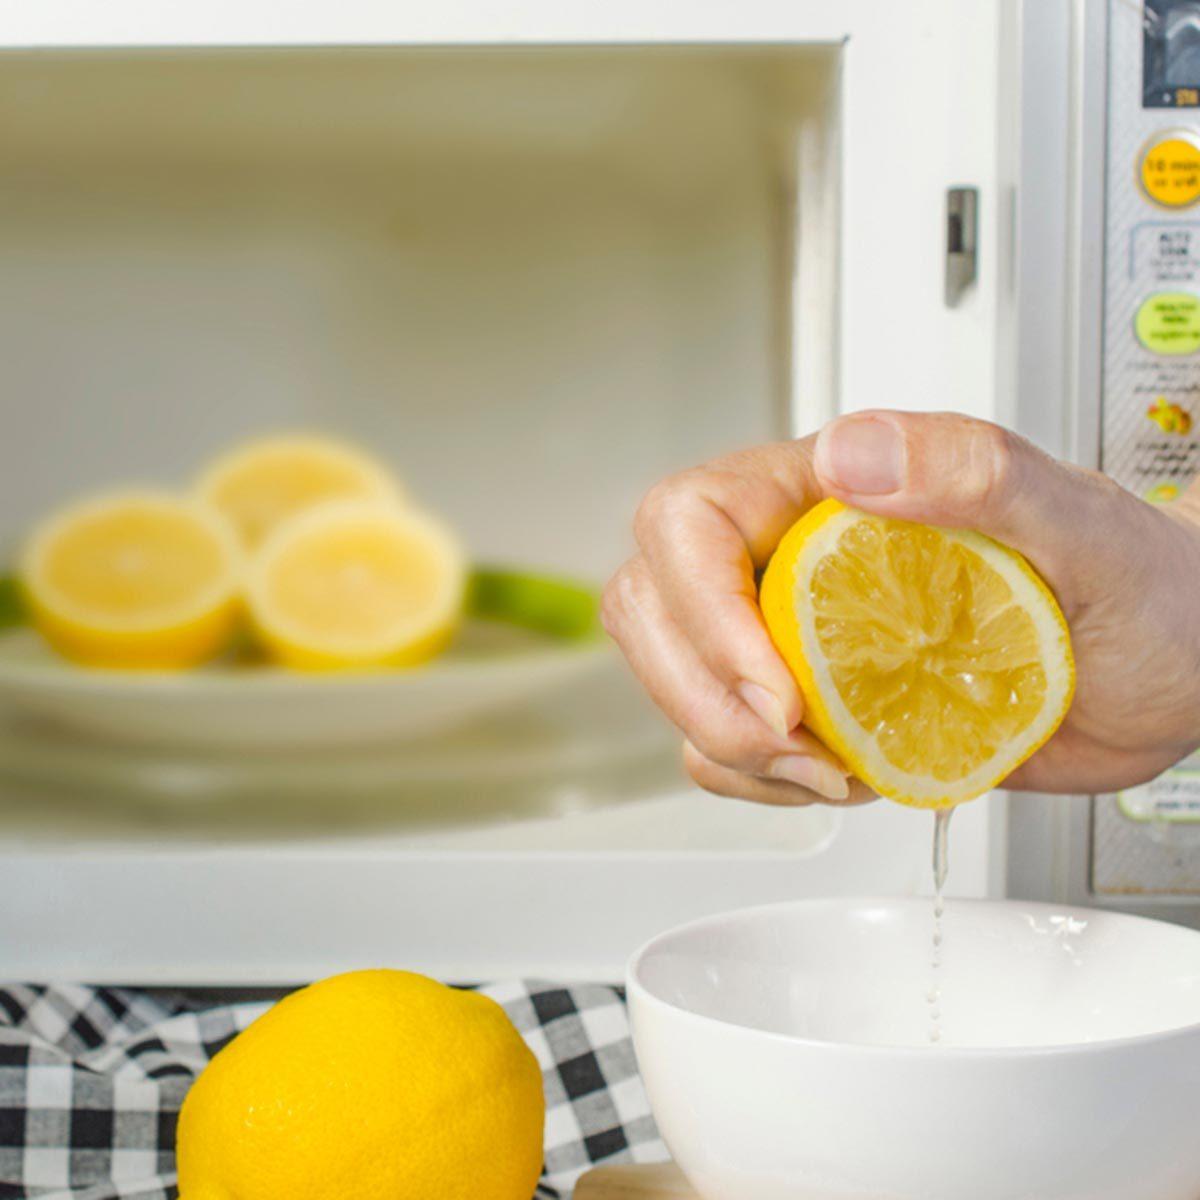 Trucs culinaires : faites votre jus de citron au micro-ondes.